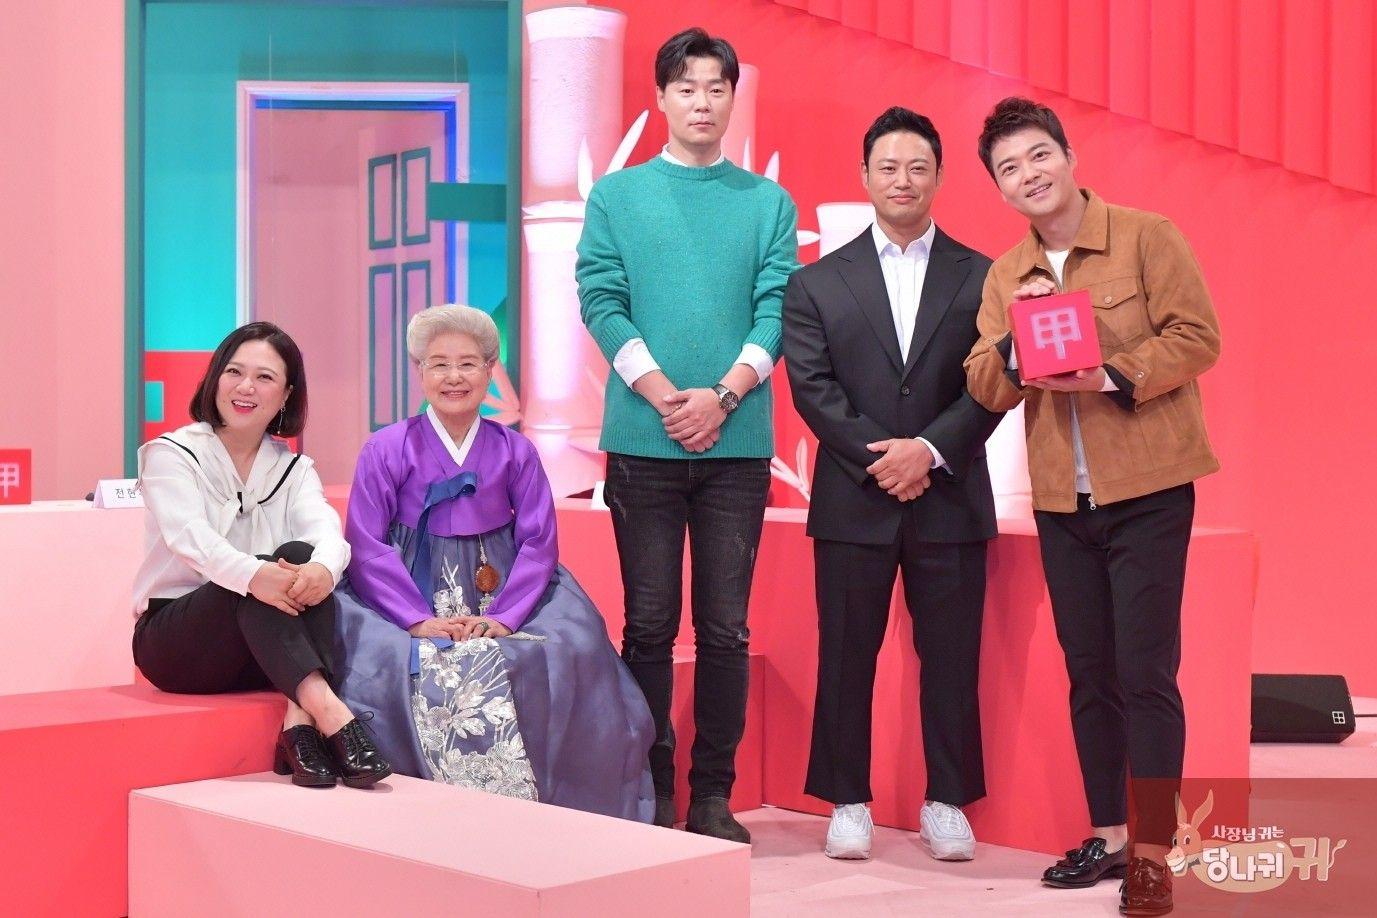 '당나귀귀' 2019 최상급 예능 도약…3주 연속 10% 돌파+주간 TOP5